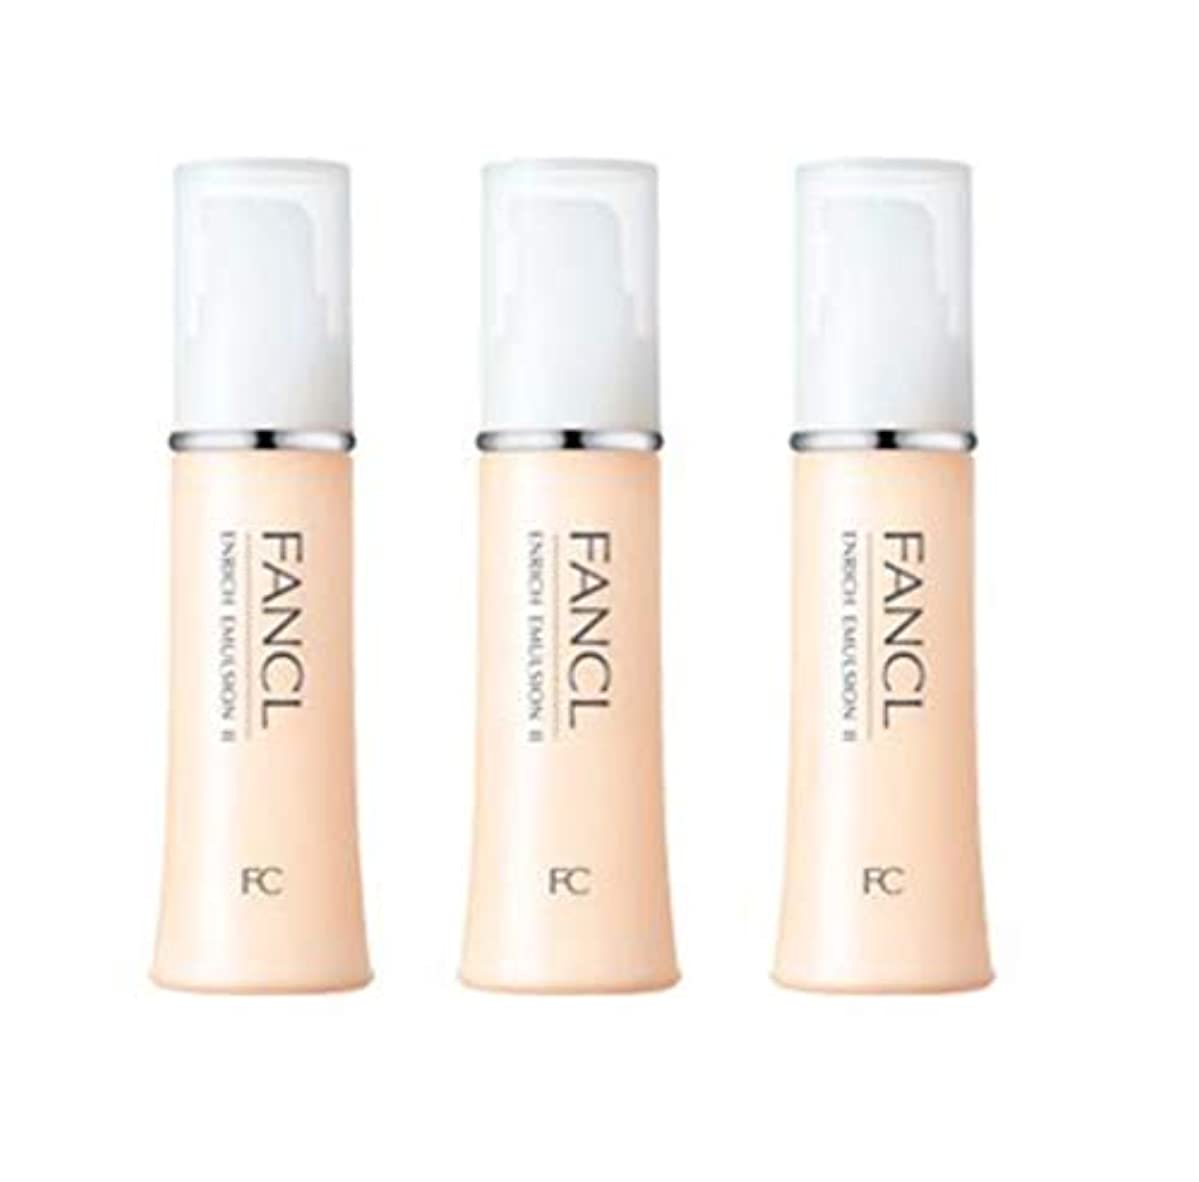 安価な好色な遮るファンケル(FANCL)エンリッチ 乳液IIしっとり 3本セット(30mL×3)